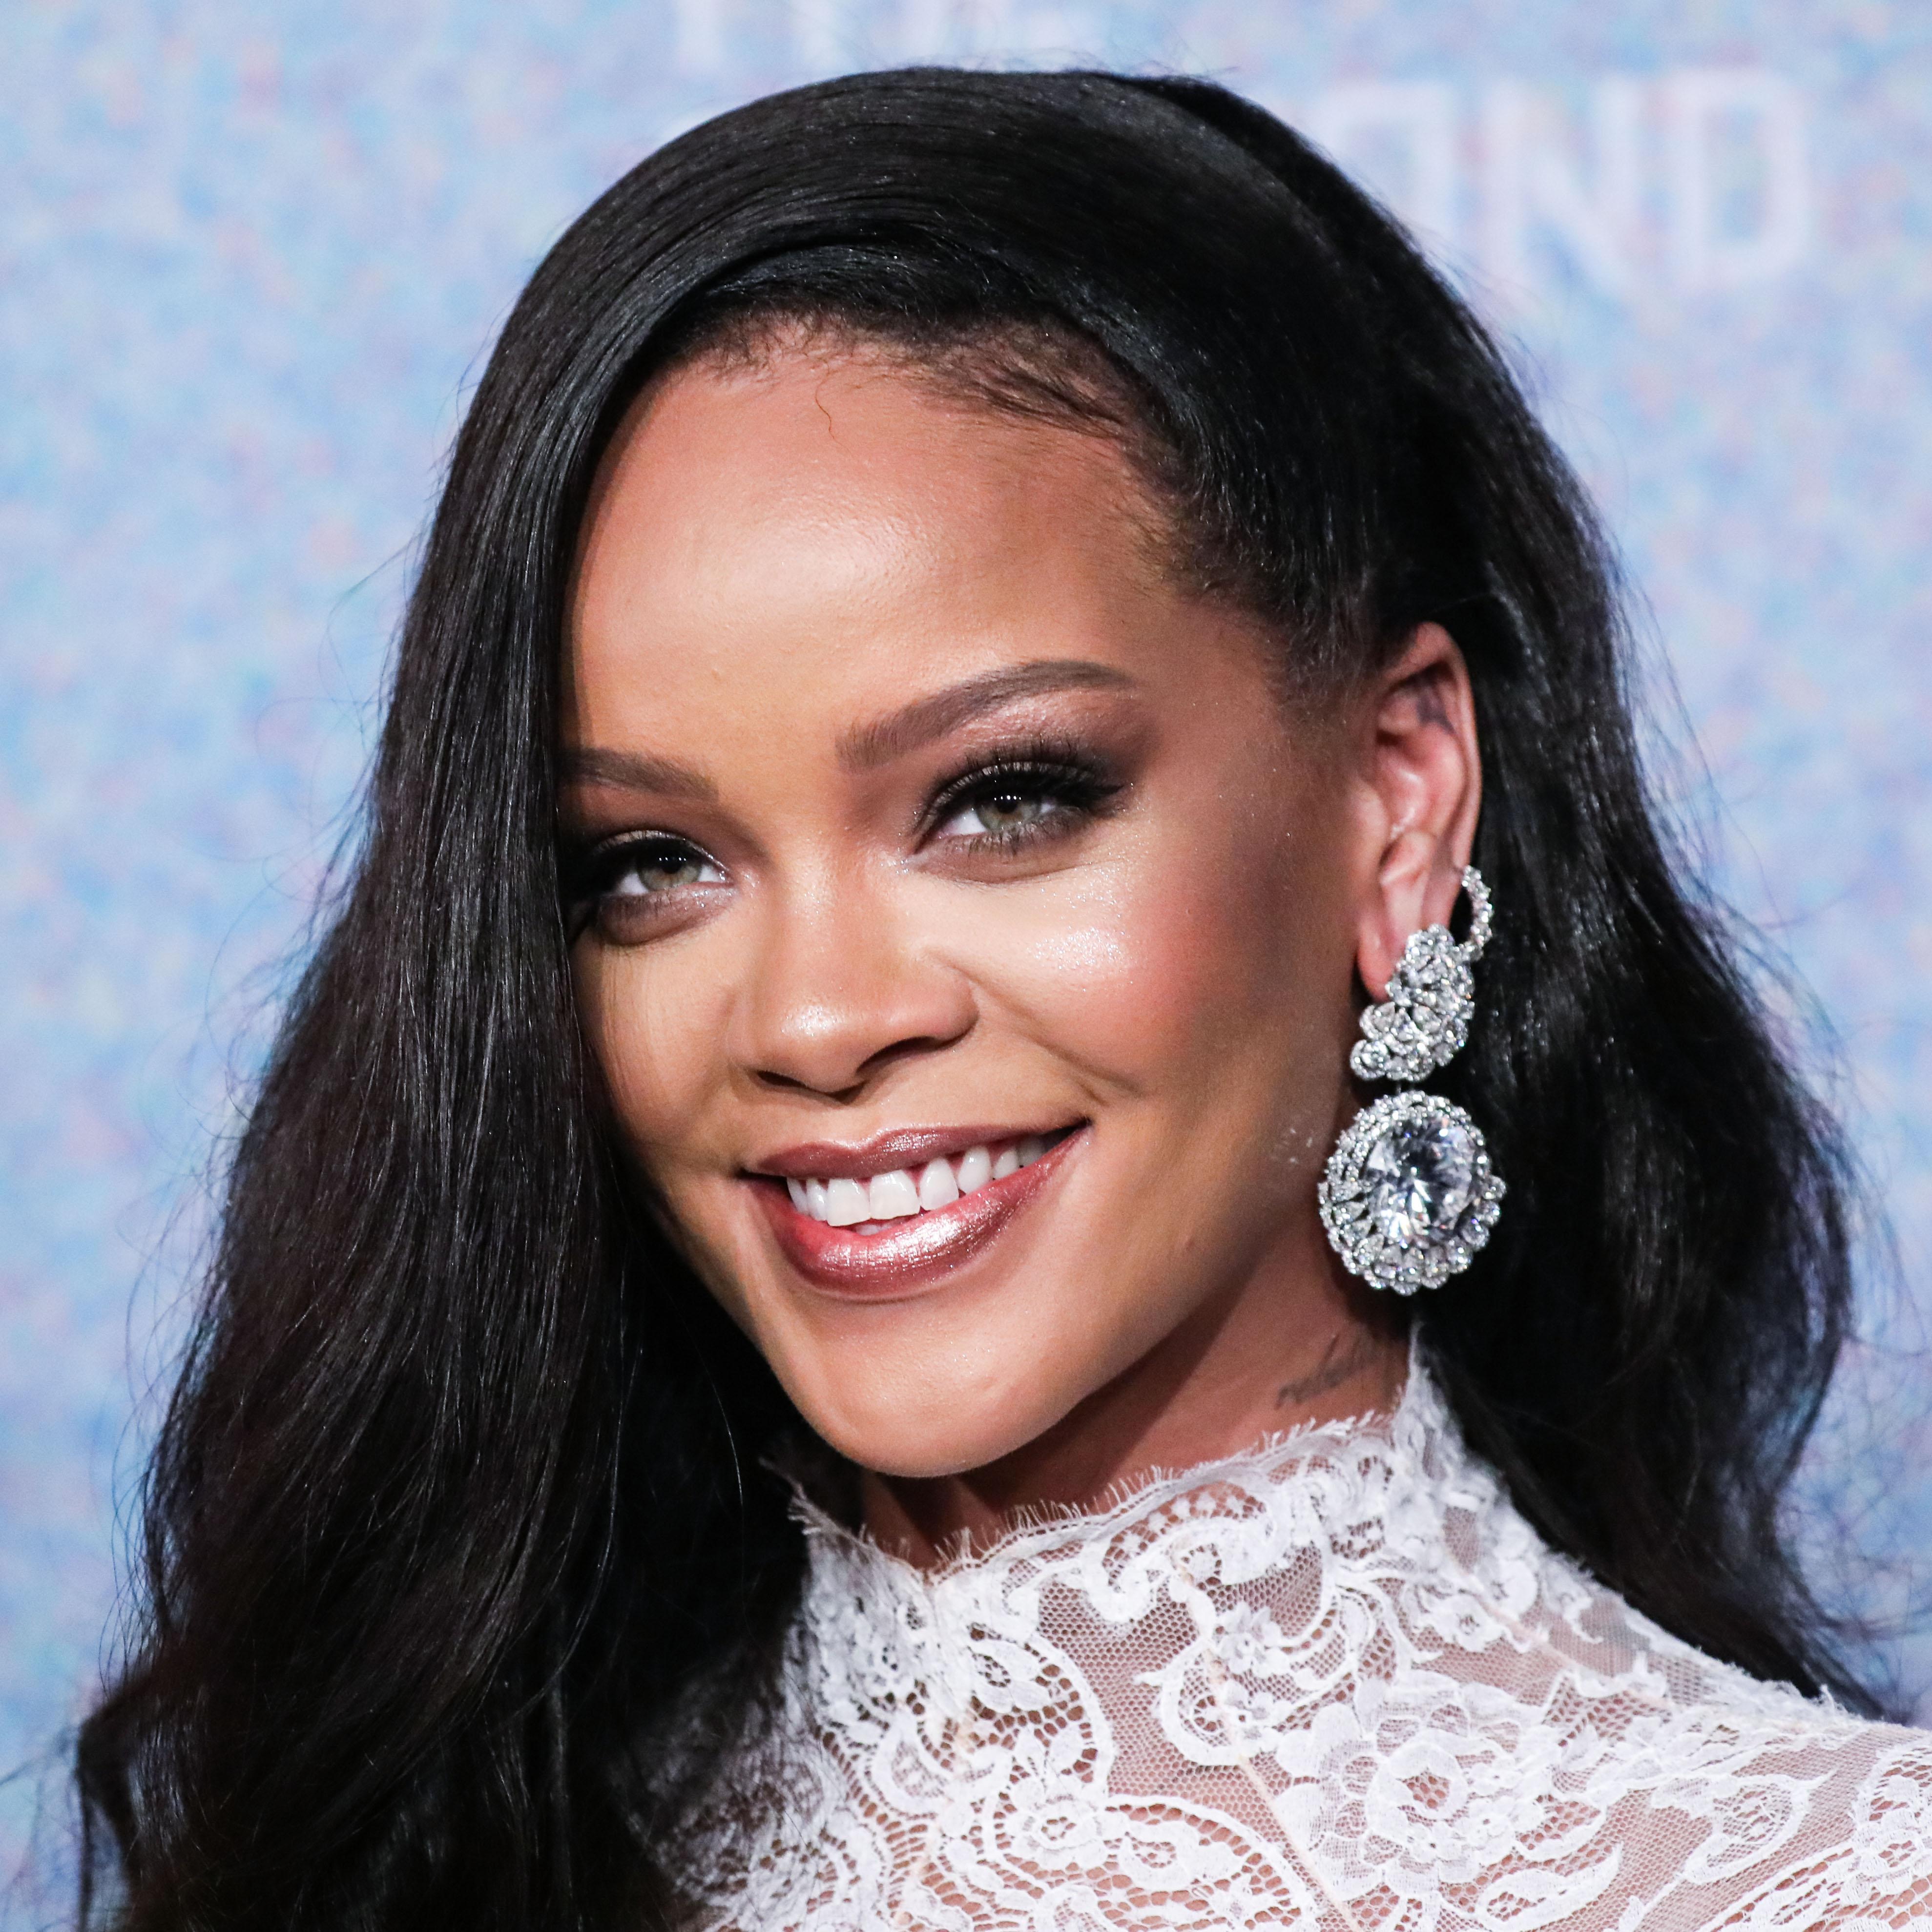 Το παράδοξο σημείο που η Rihanna βάζει highlighter!